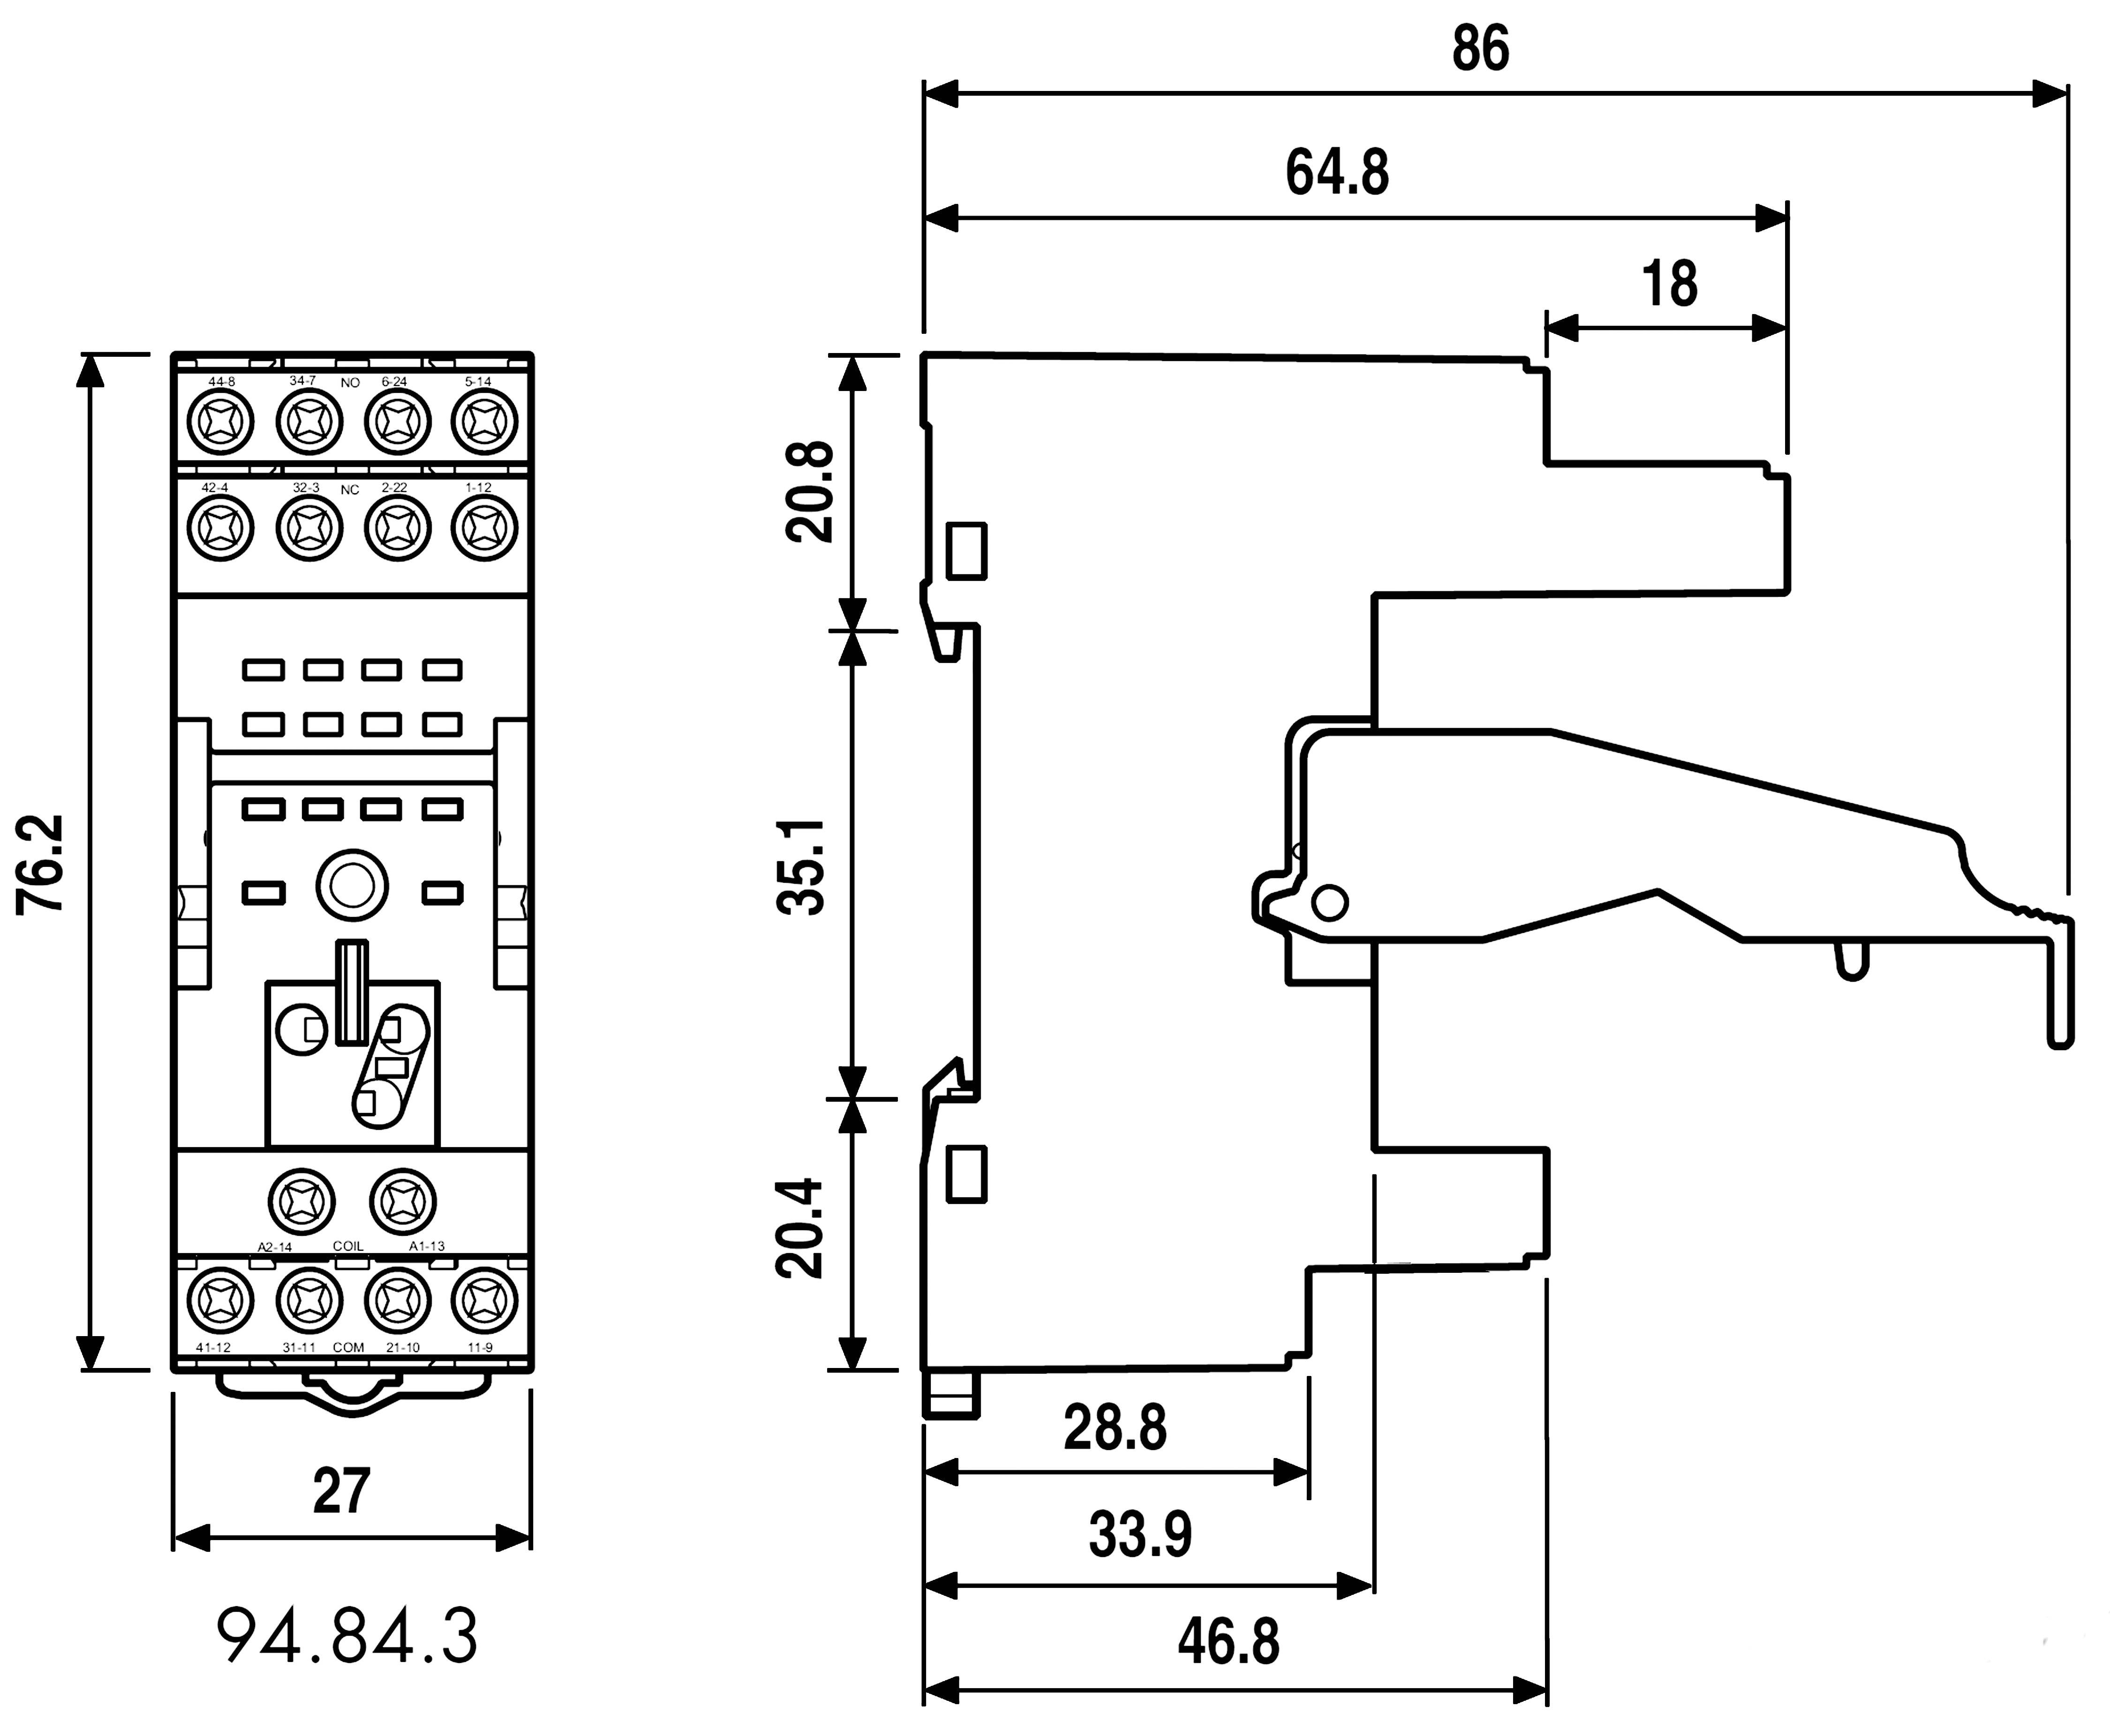 Šroubová patice Finder 94.84.30 pro lištu DIN